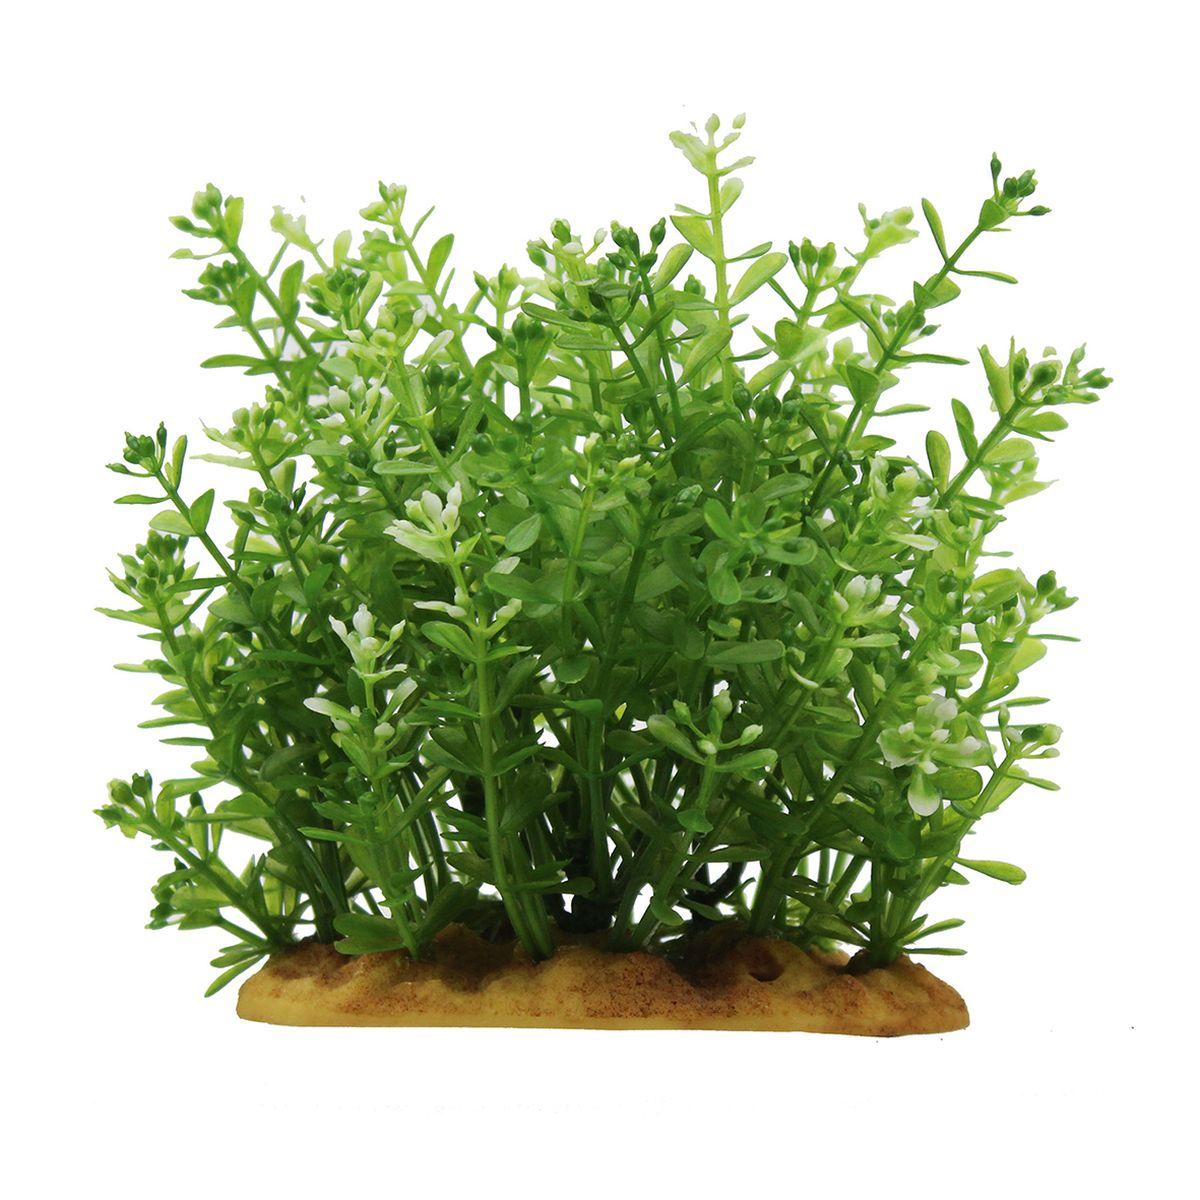 Растение для аквариума ArtUniq Ротала, высота 15 см0120710Композиция из искусственных растений ArtUniq превосходно украсит и оживит аквариум.Растения - это важная часть любой композиции, они помогут вдохнуть жизнь в ландшафт любого аквариума или террариума. А их сходствос природными порадует даже самых взыскательных ценителей.